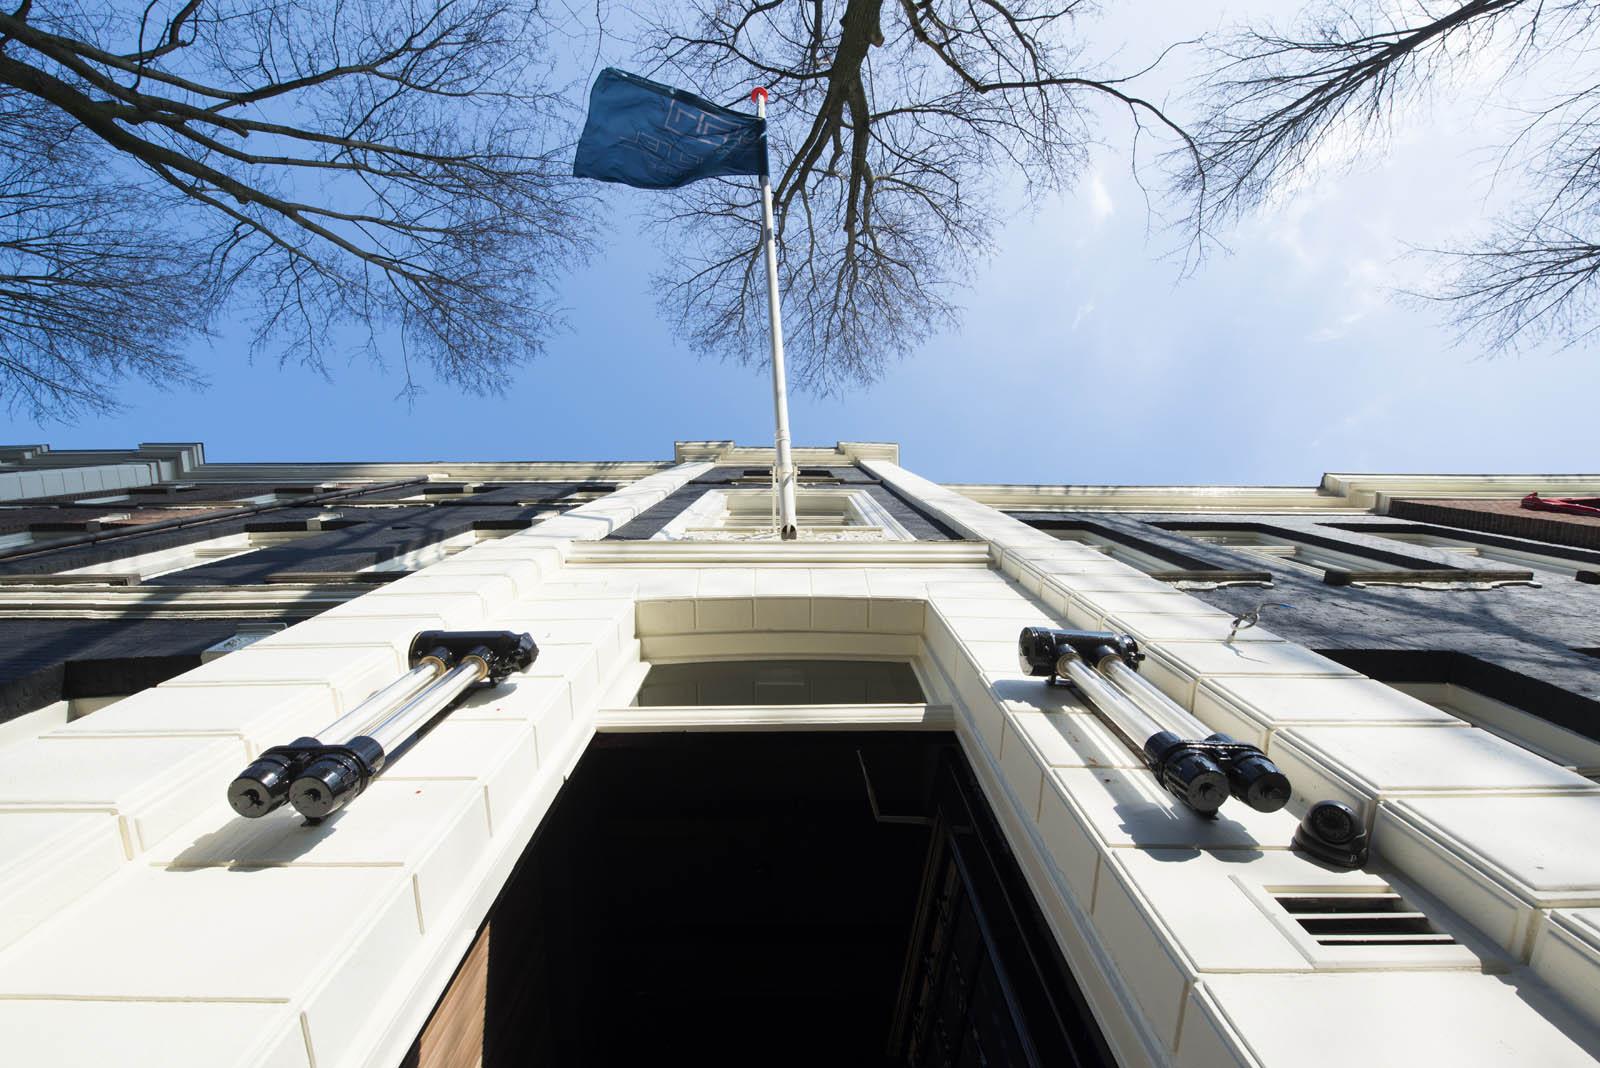 Facade, Piet hein hotel, by Jeroen de Nijs